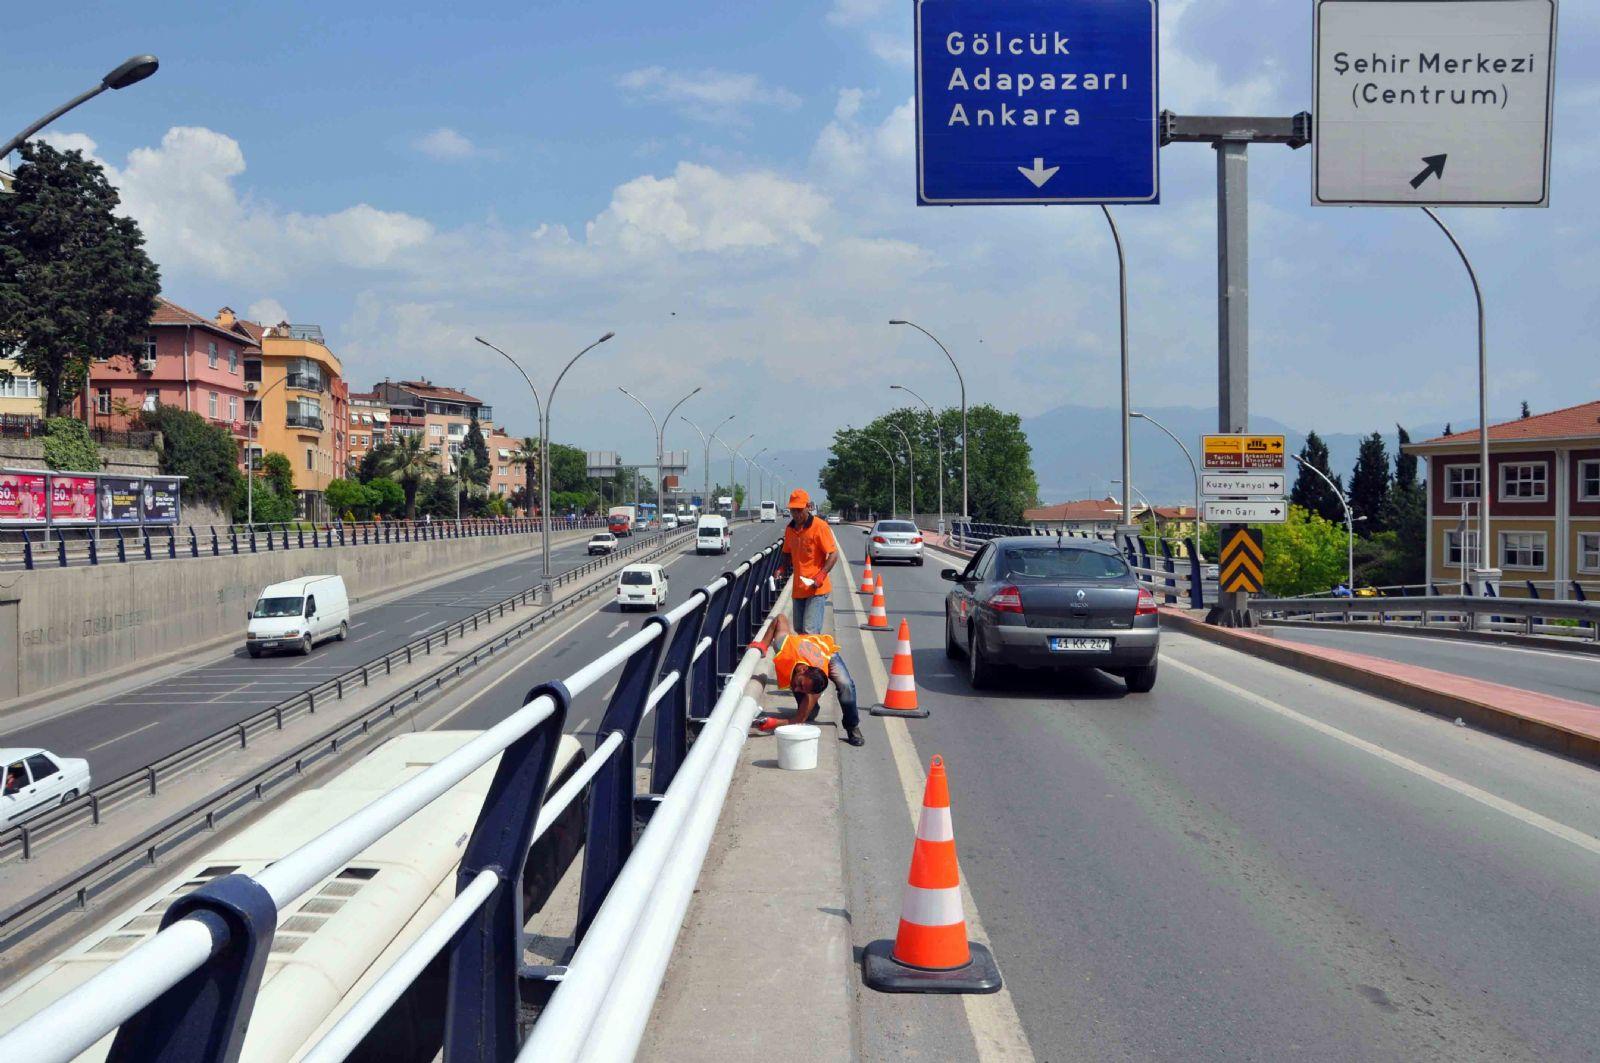 Yol güvenliği için sıkı çalışma!